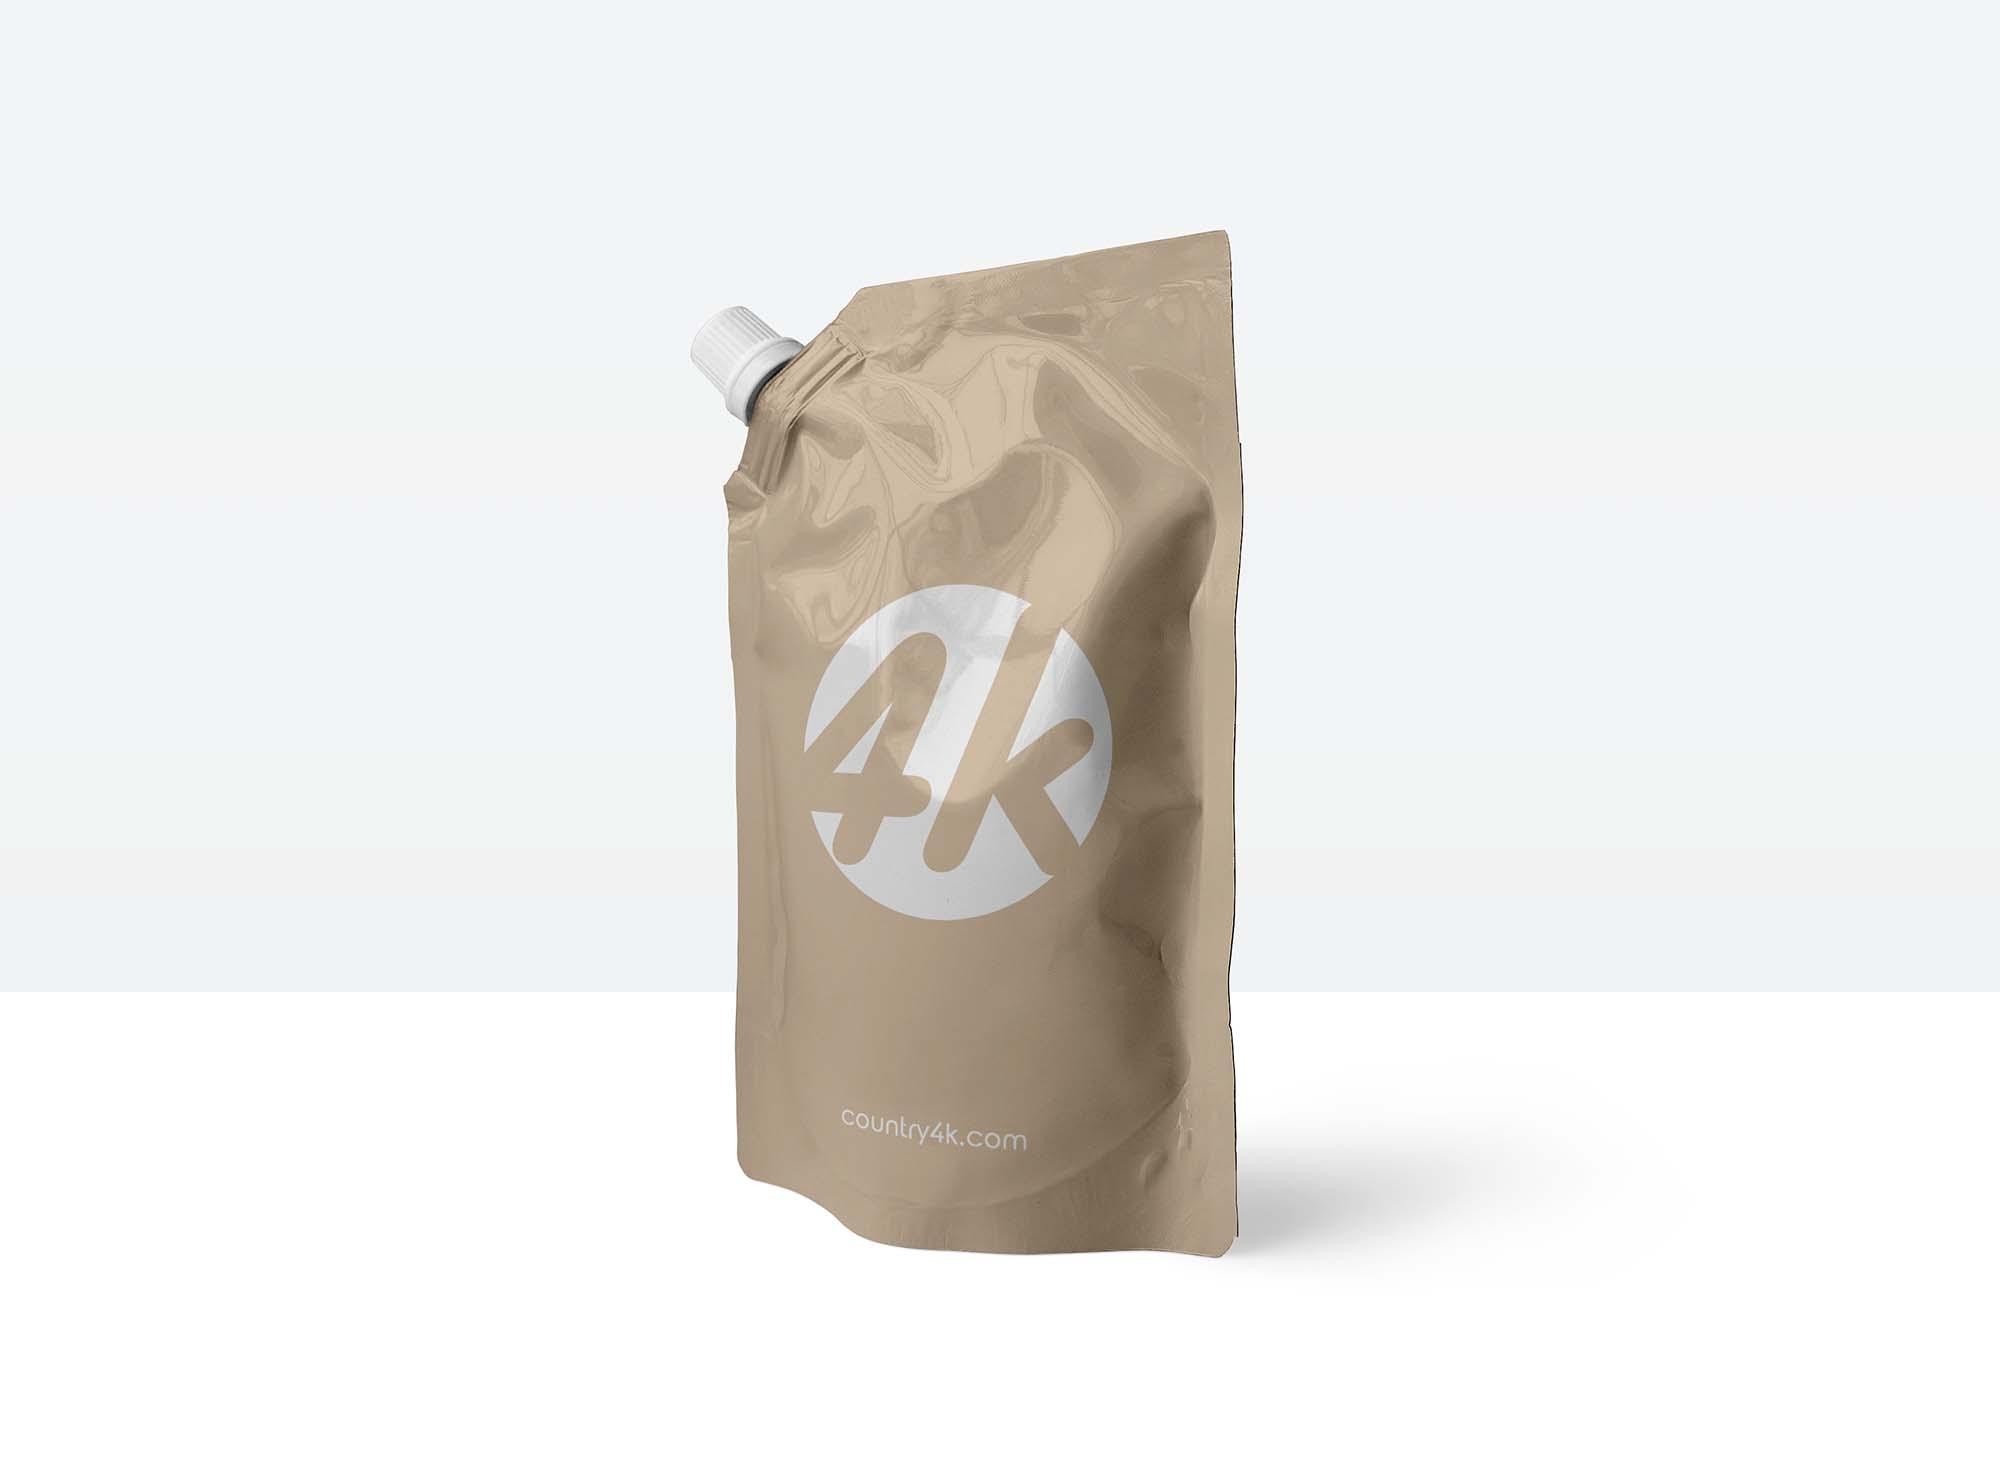 Doypack Foil Bag Mockup 2